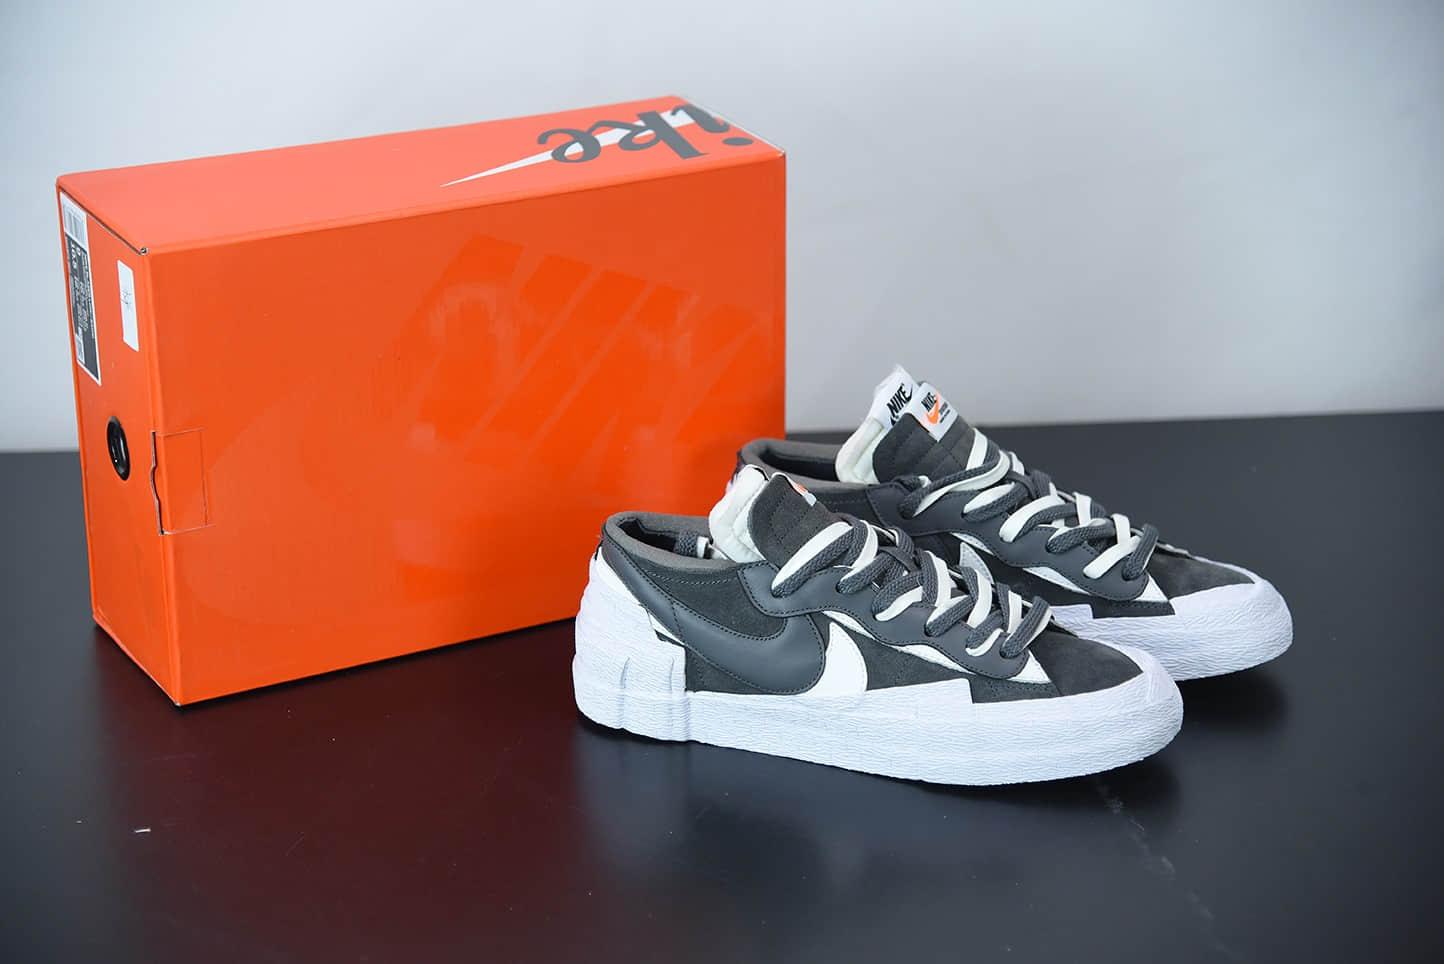 耐克Sacai x Nk Blazer Low 耐克全新联名开拓者黑白解构低帮休闲板鞋纯原版本 货号:DD1877-002